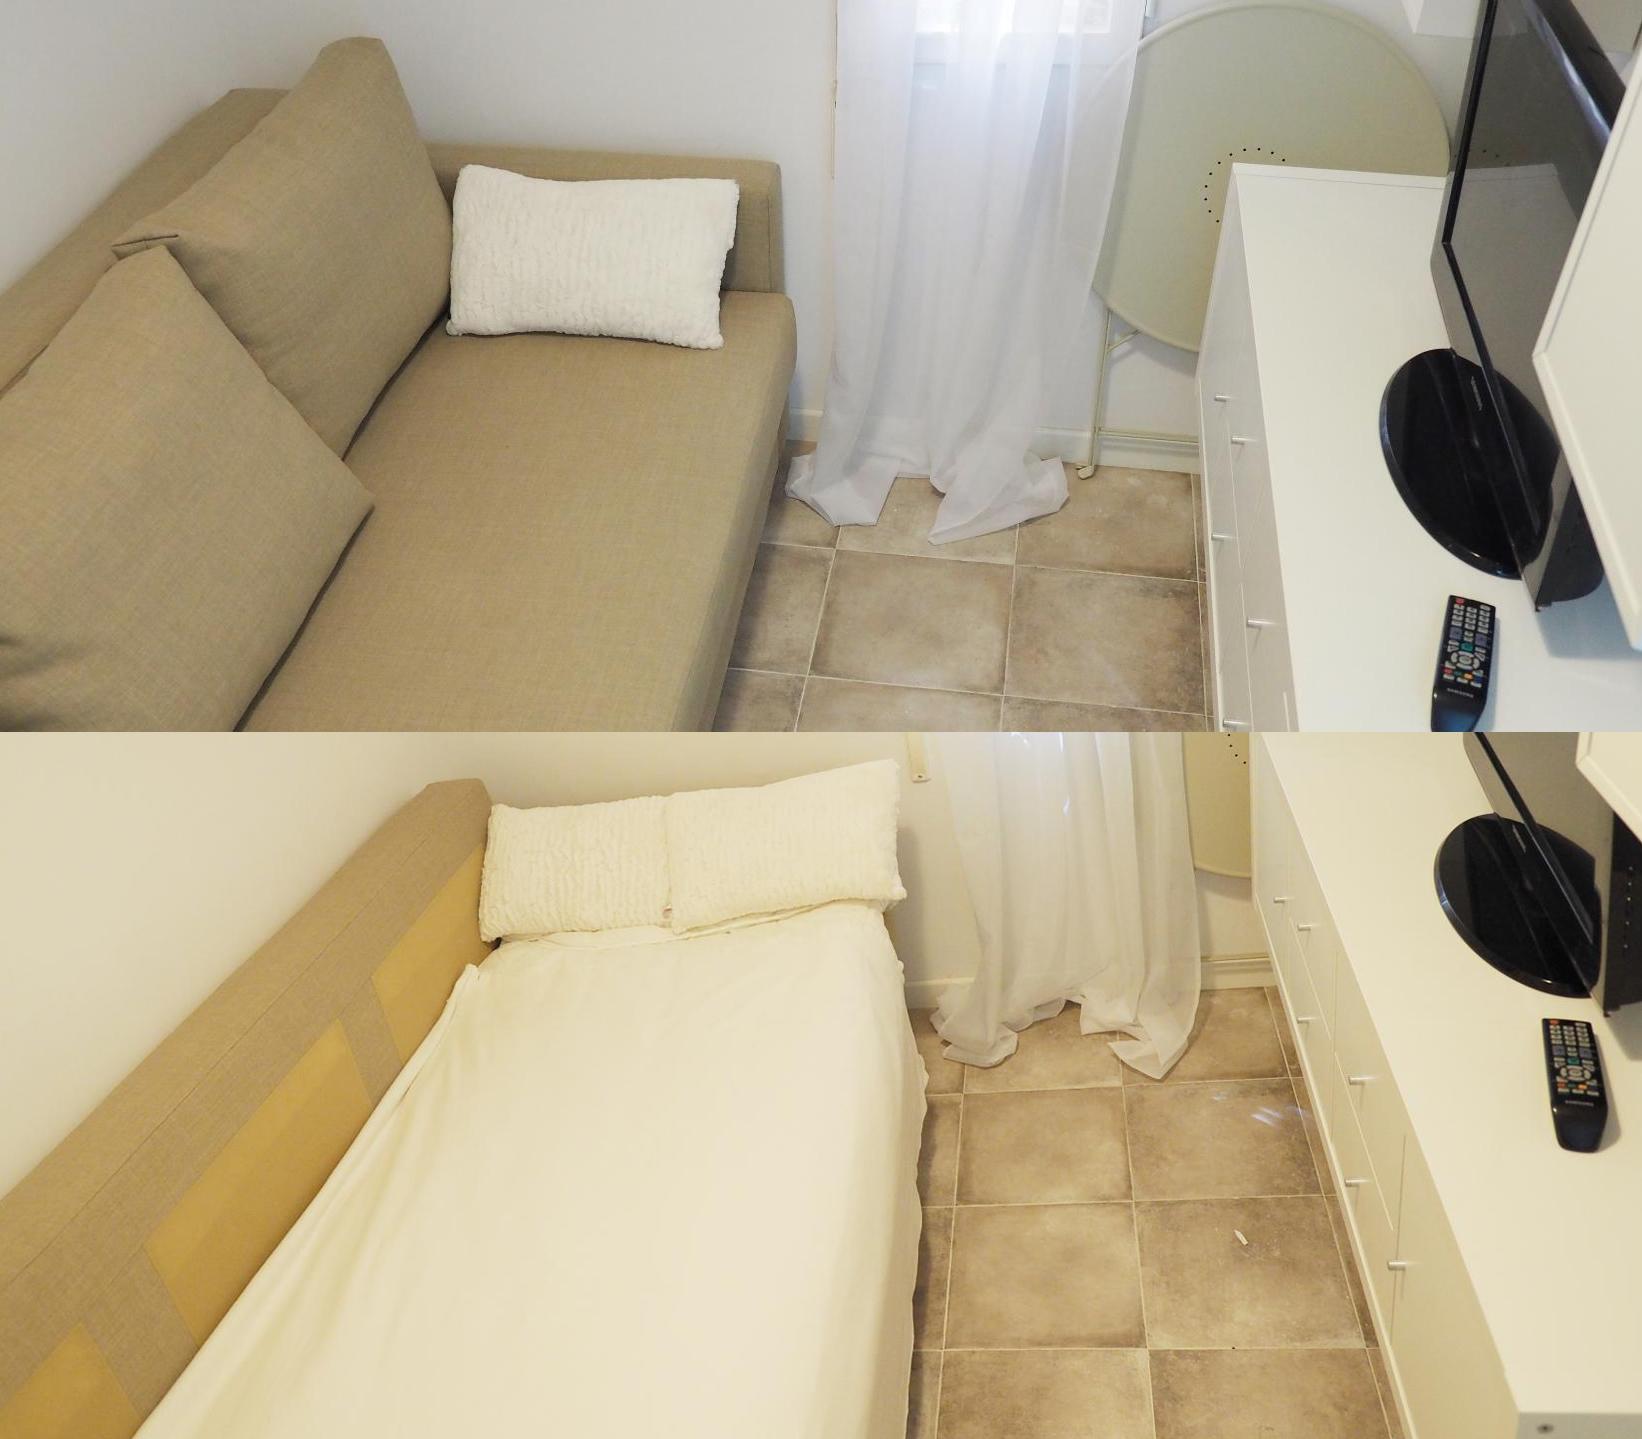 El peor piso en alquiler de España: 750 euros al mes para vivir en unas escaleras 1495534098561-Montaje-Salon